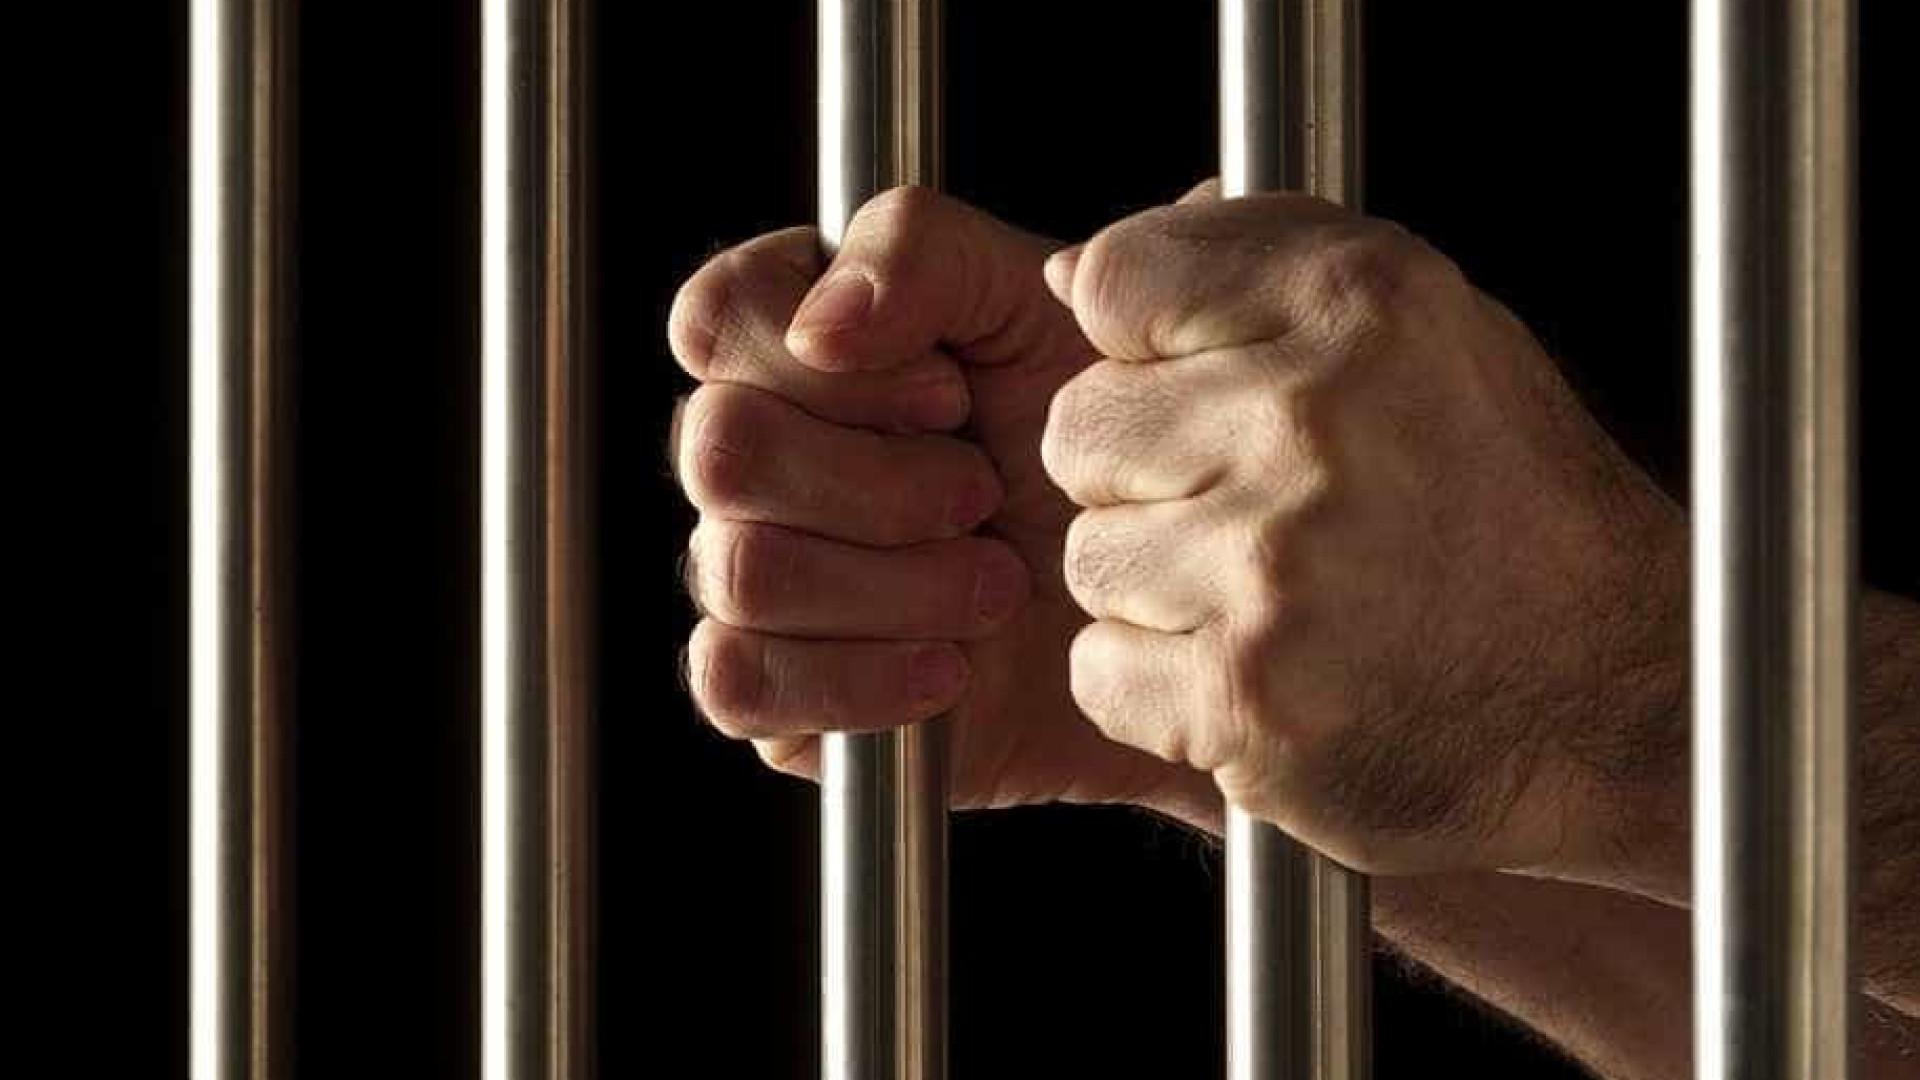 Vereador é preso por naturalizar eleitores em troca de votos